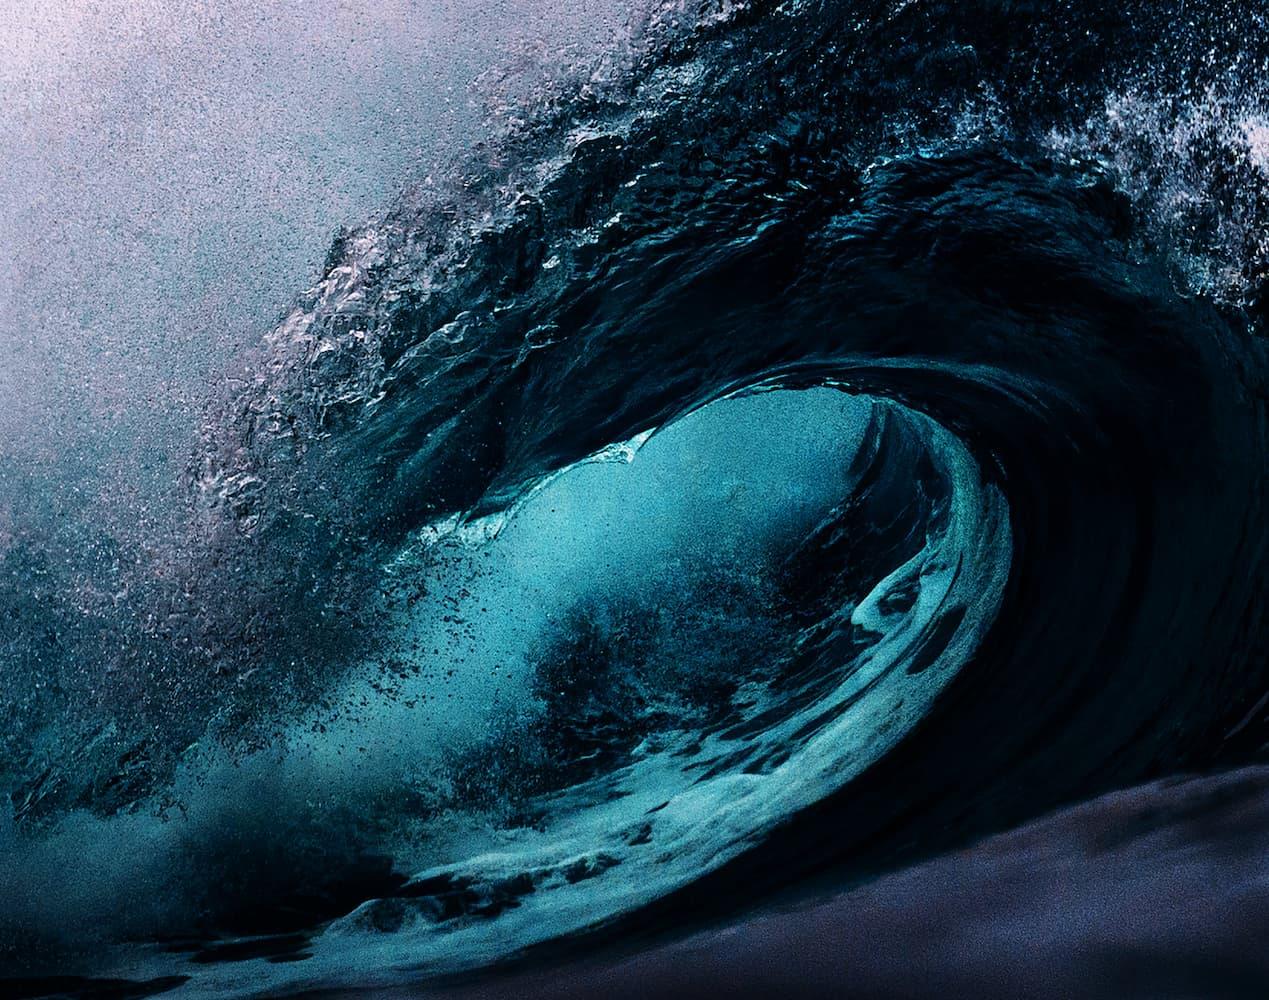 Aquaphobia, fear of water